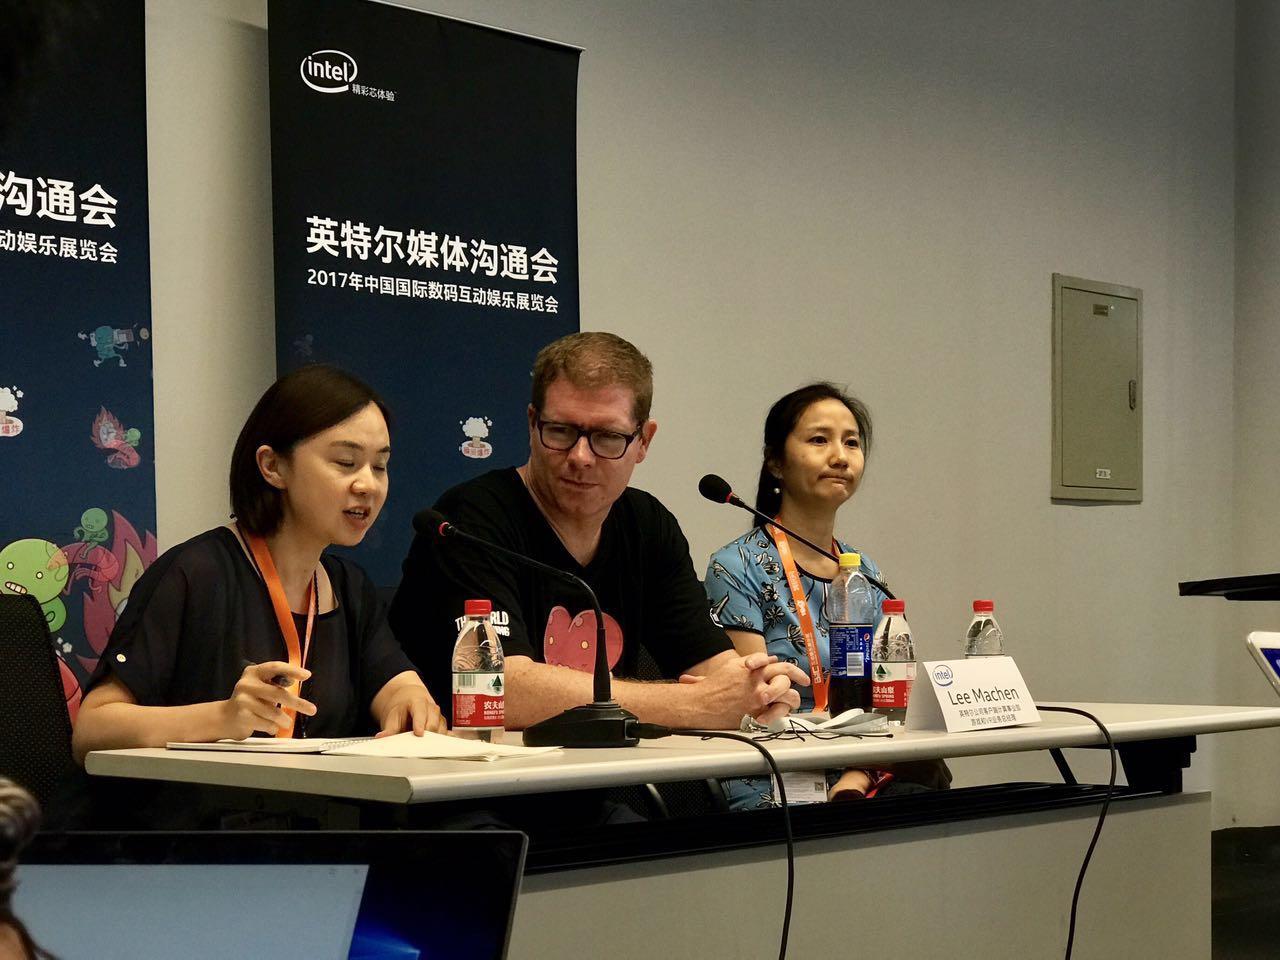 英特尔游戏和VR业务总经理Lee Machen:中国开发者水平不弱于世界其他任何地方